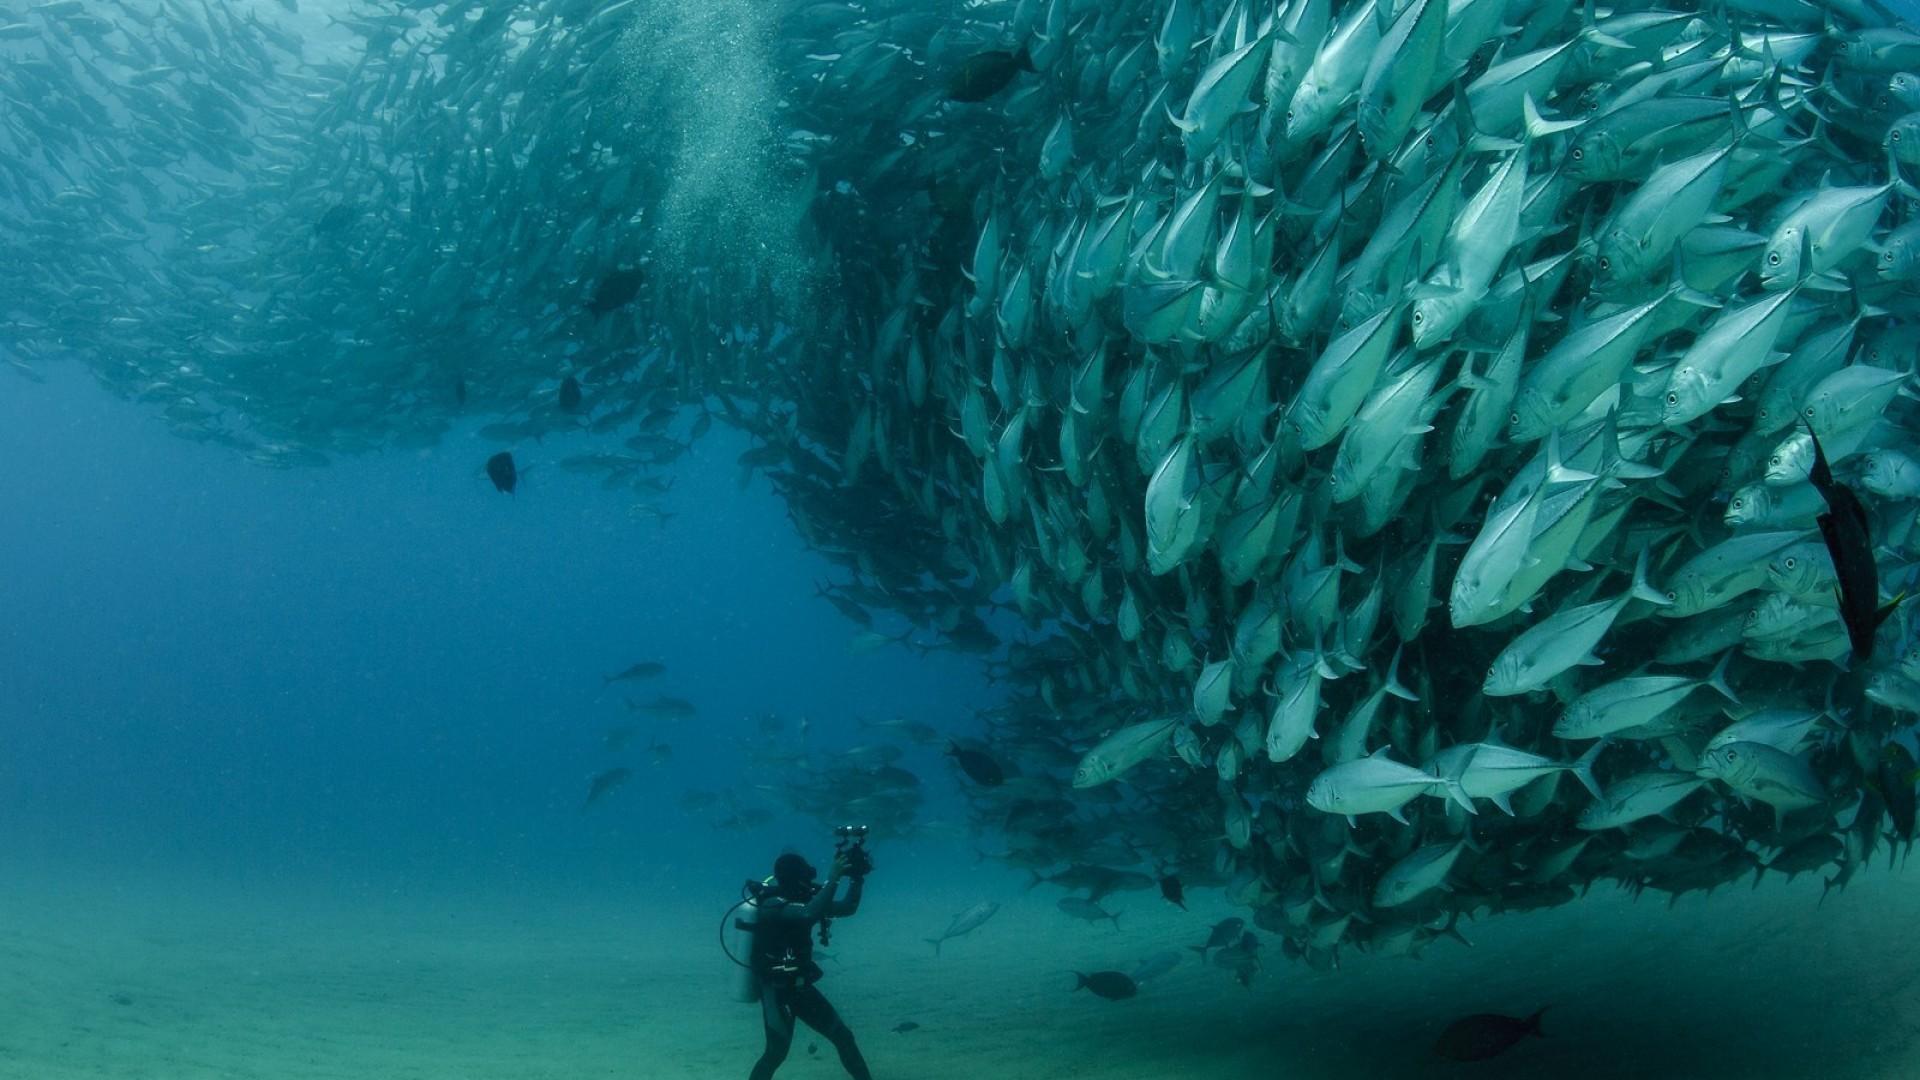 Порно смотреть онлайн моряки привыкли называть рифовый узел 130